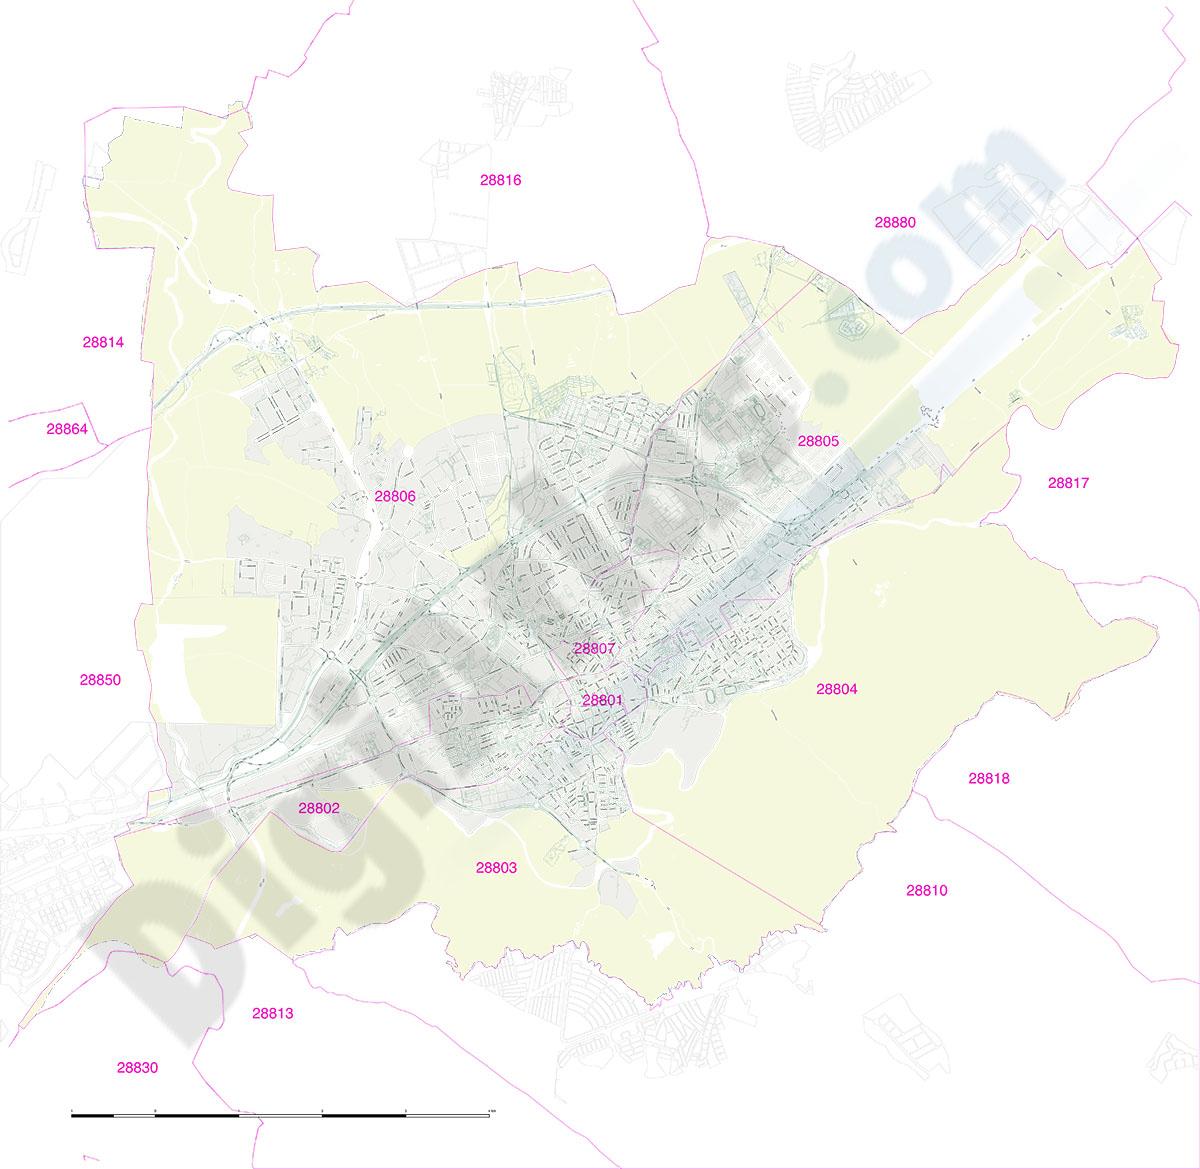 Alcalá de Henares - Plano de la ciudad con distritos postales